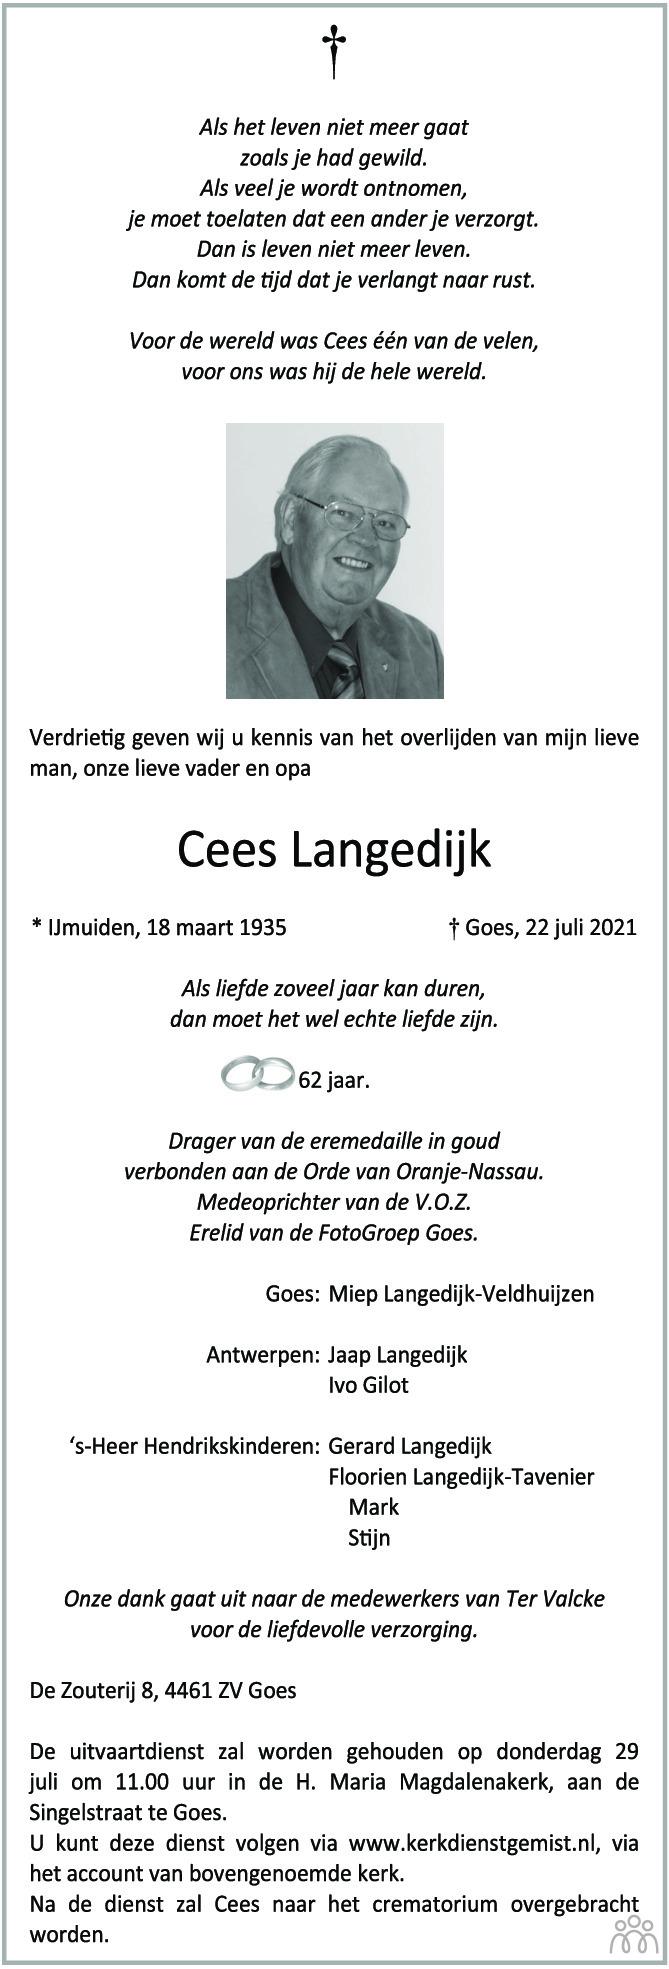 Overlijdensbericht van Cees Langedijk in PZC Provinciale Zeeuwse Courant